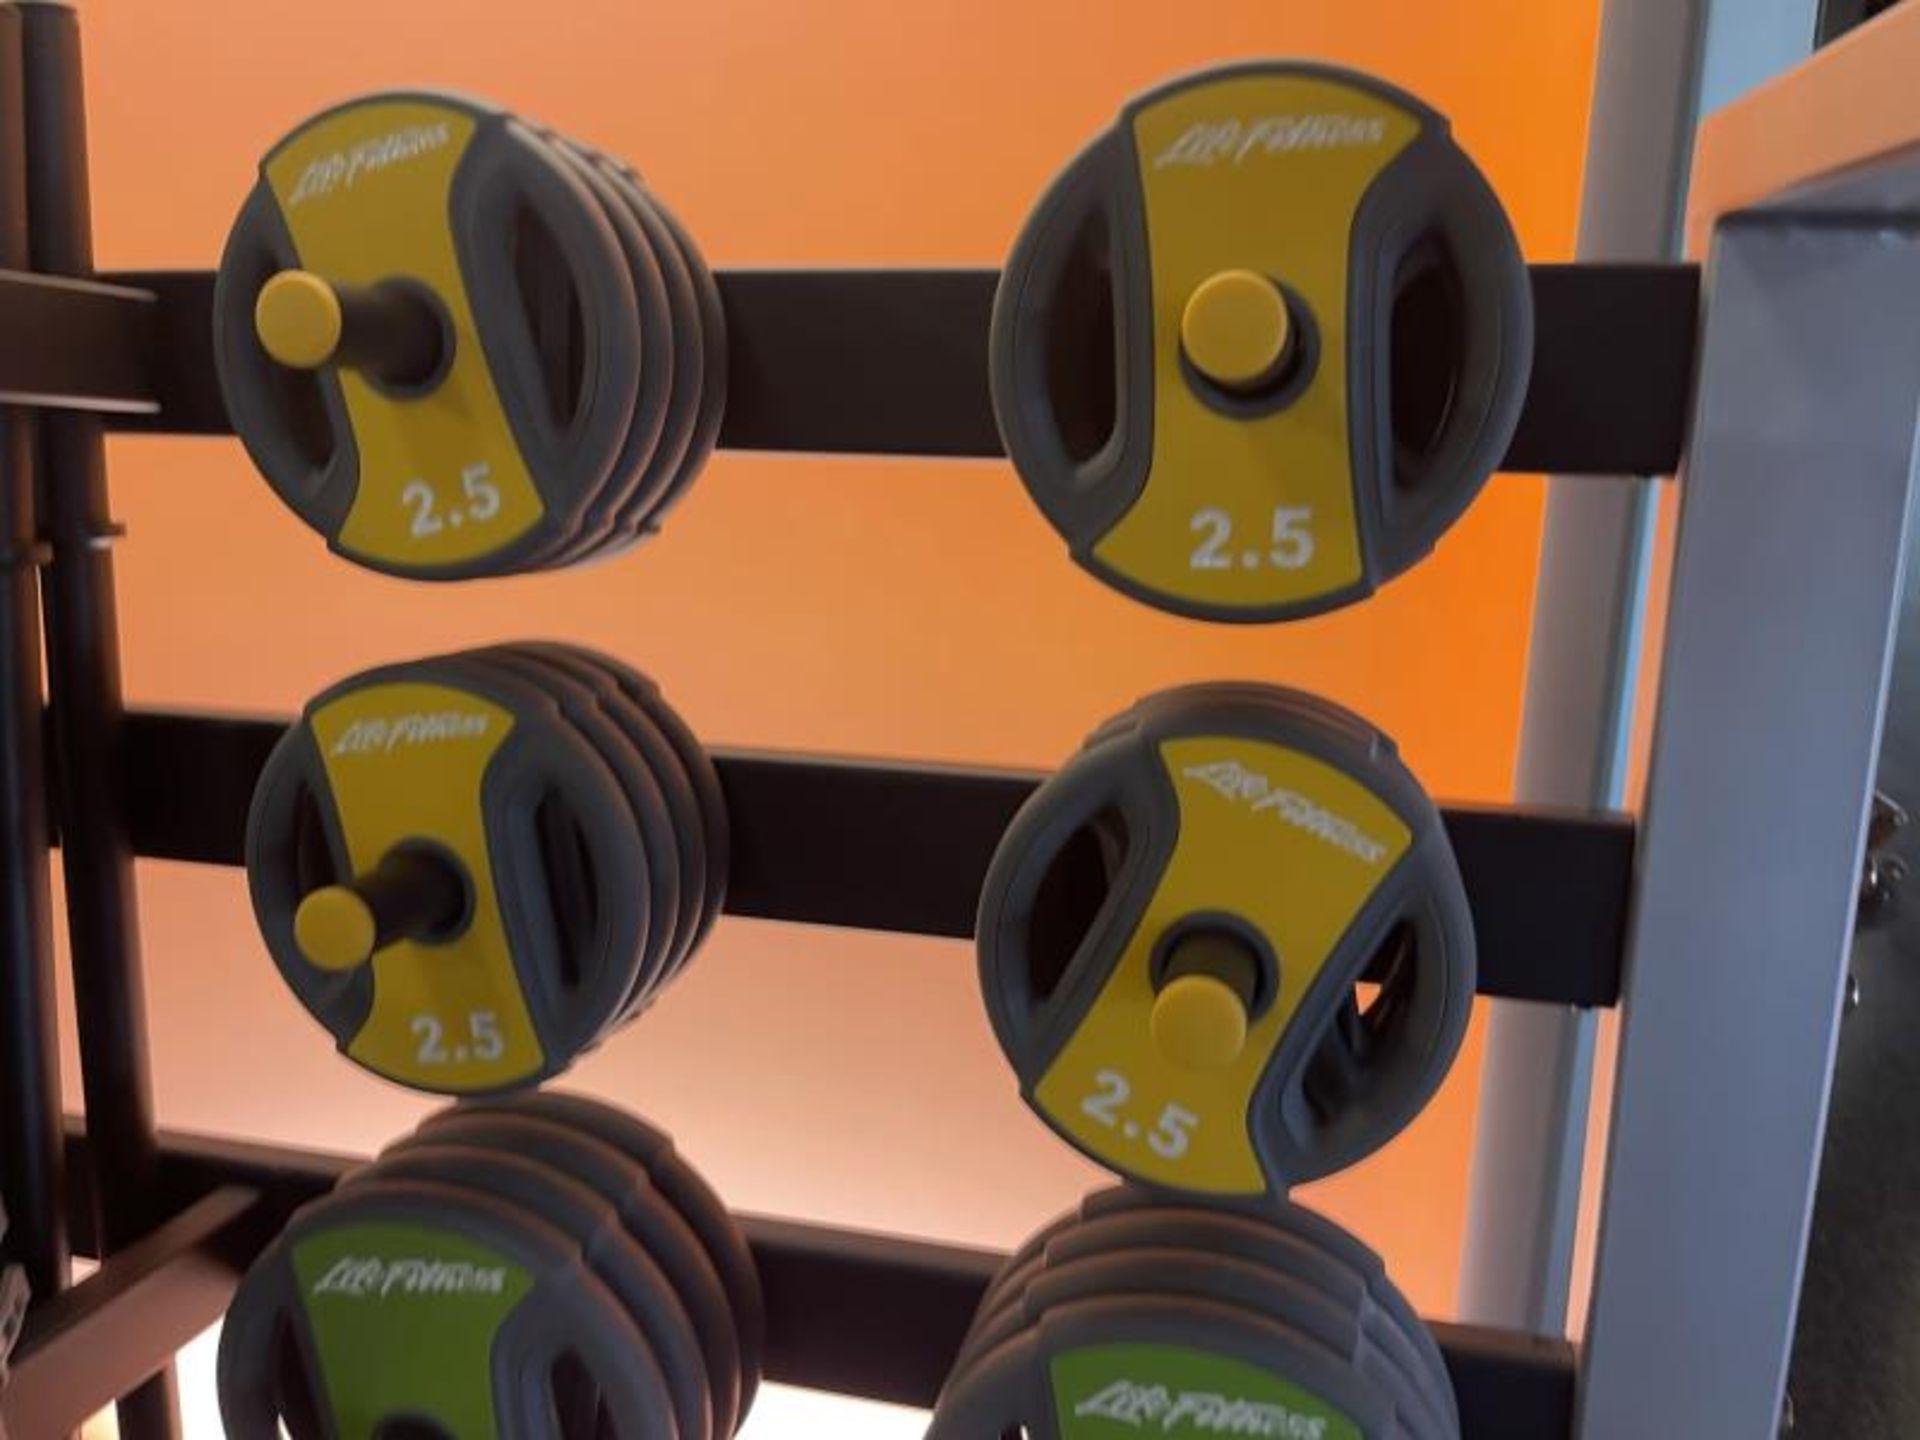 Life Fitness Studio Barbell Pack Urethane 2.5#, 5#, 10#, 13 Bars, Rack Model GBB - Image 4 of 9